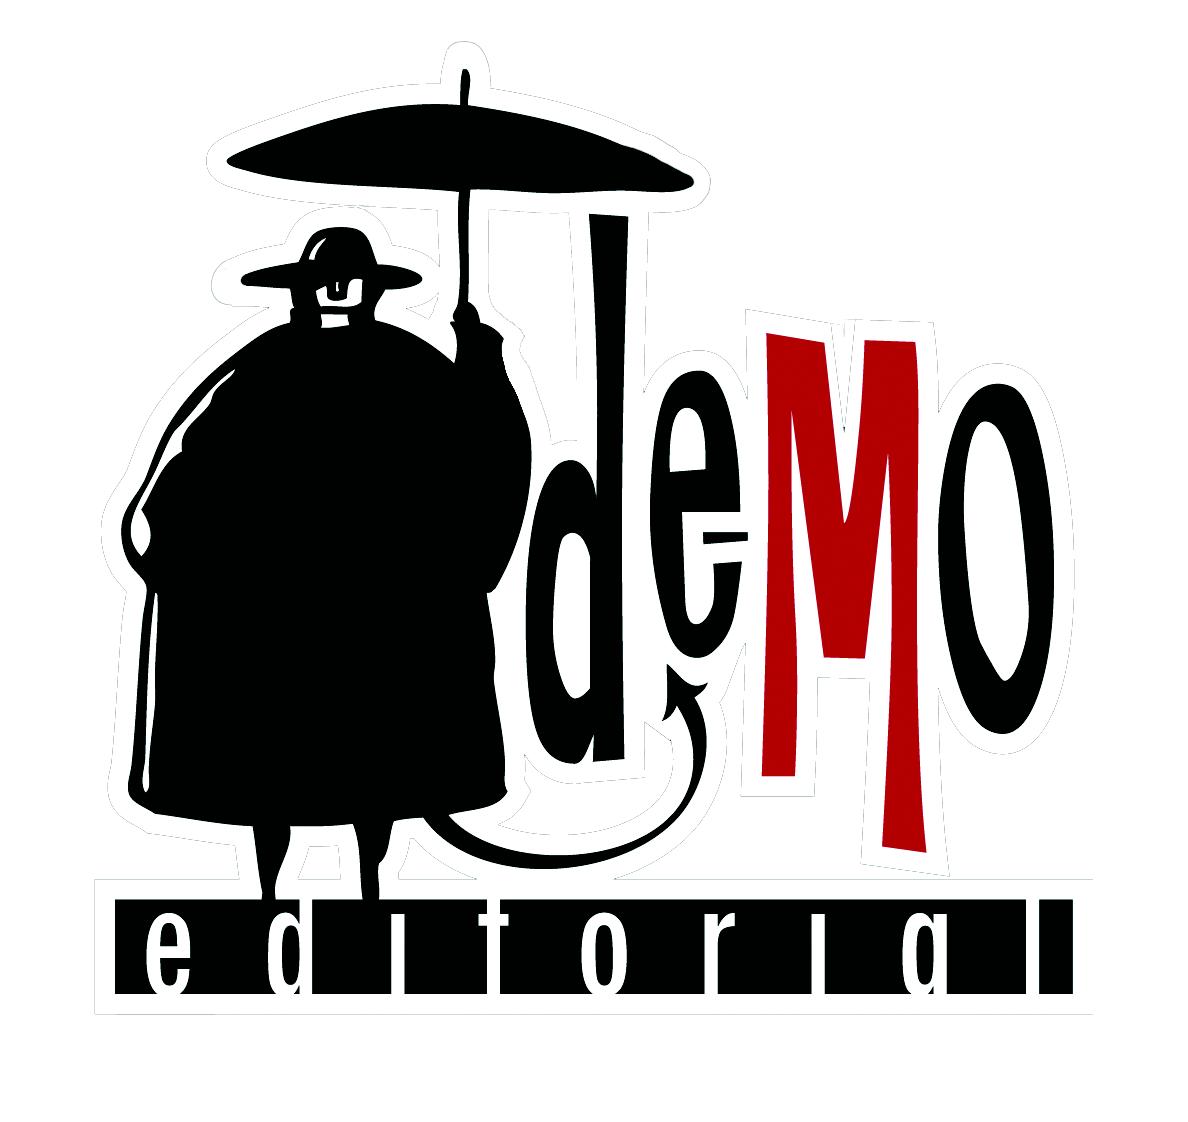 Demo Editorial